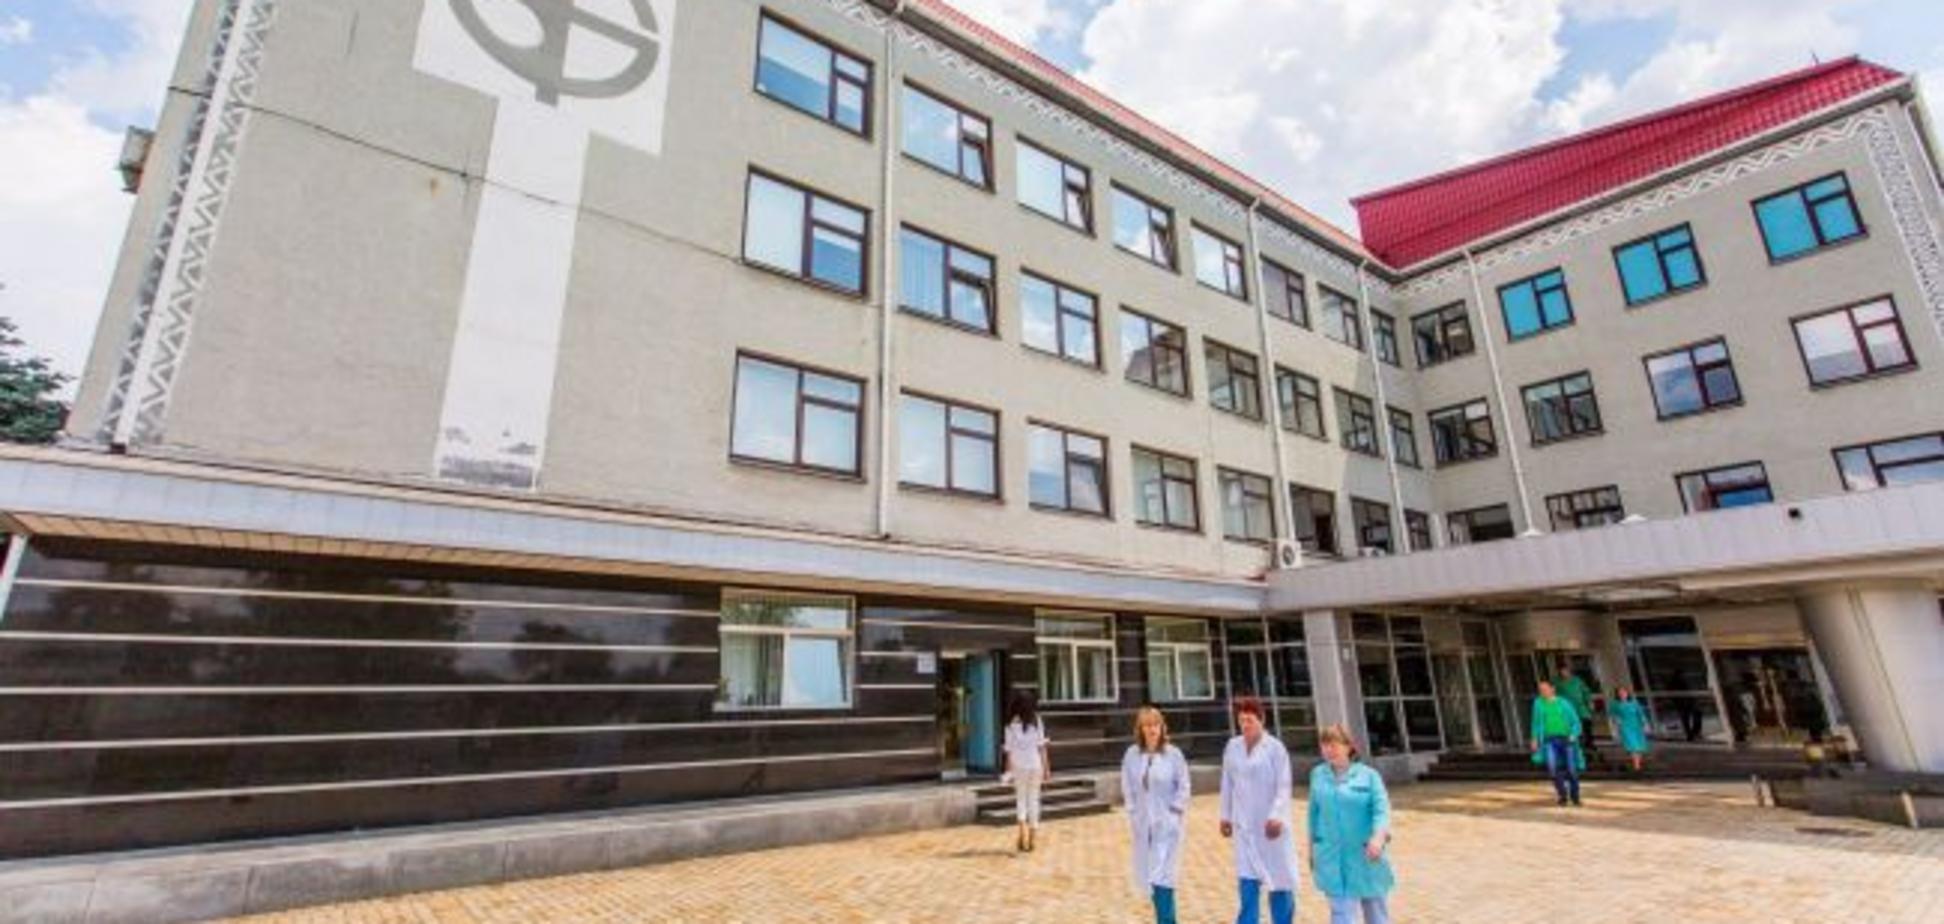 Борщаговский химико-фармацевтический завод попал в эпицентр серии скандалов